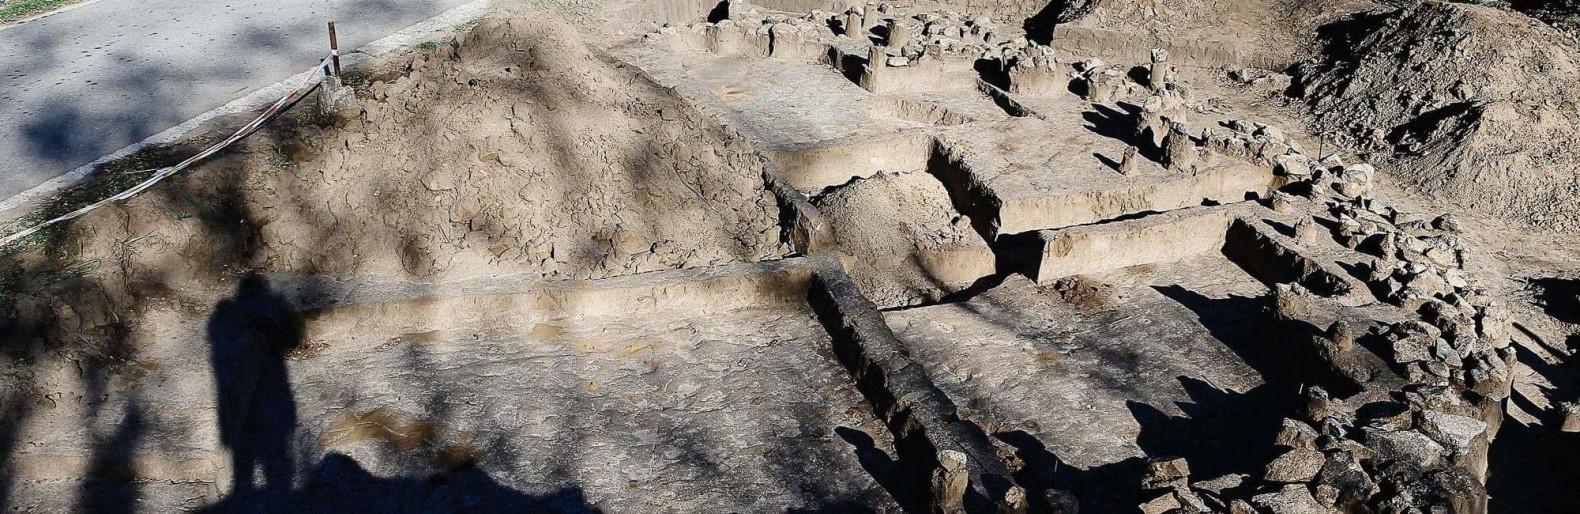 Скиф с бронзовой стрелой, скелет лошади и пачка сигарет - археологи нашли на Хортице погребение IV до нашей эры, - ФОТО